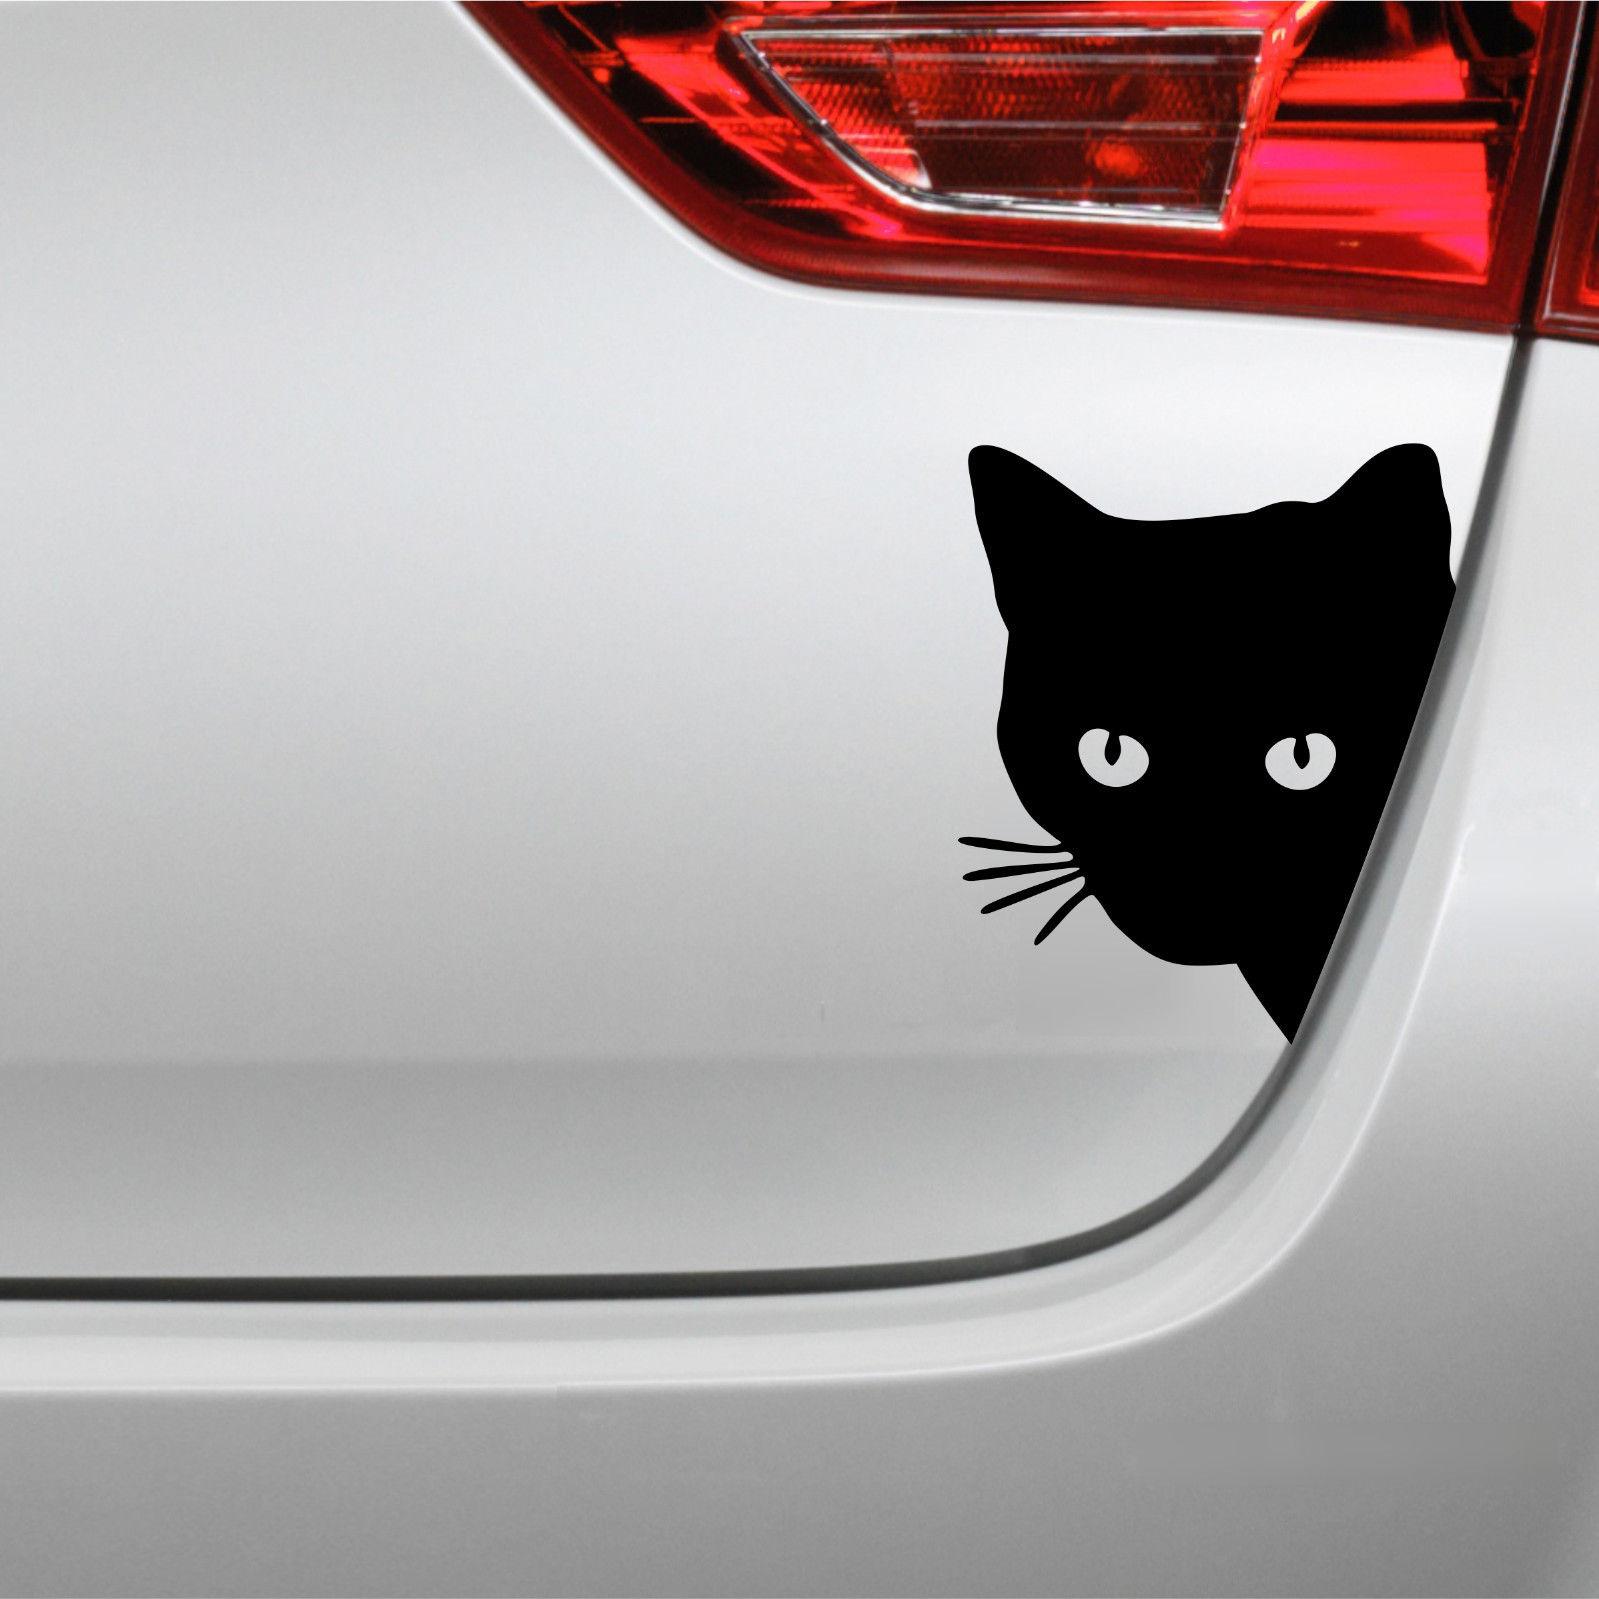 Katzenkopf Aufkleber Katze Autoaufkleber | eBay